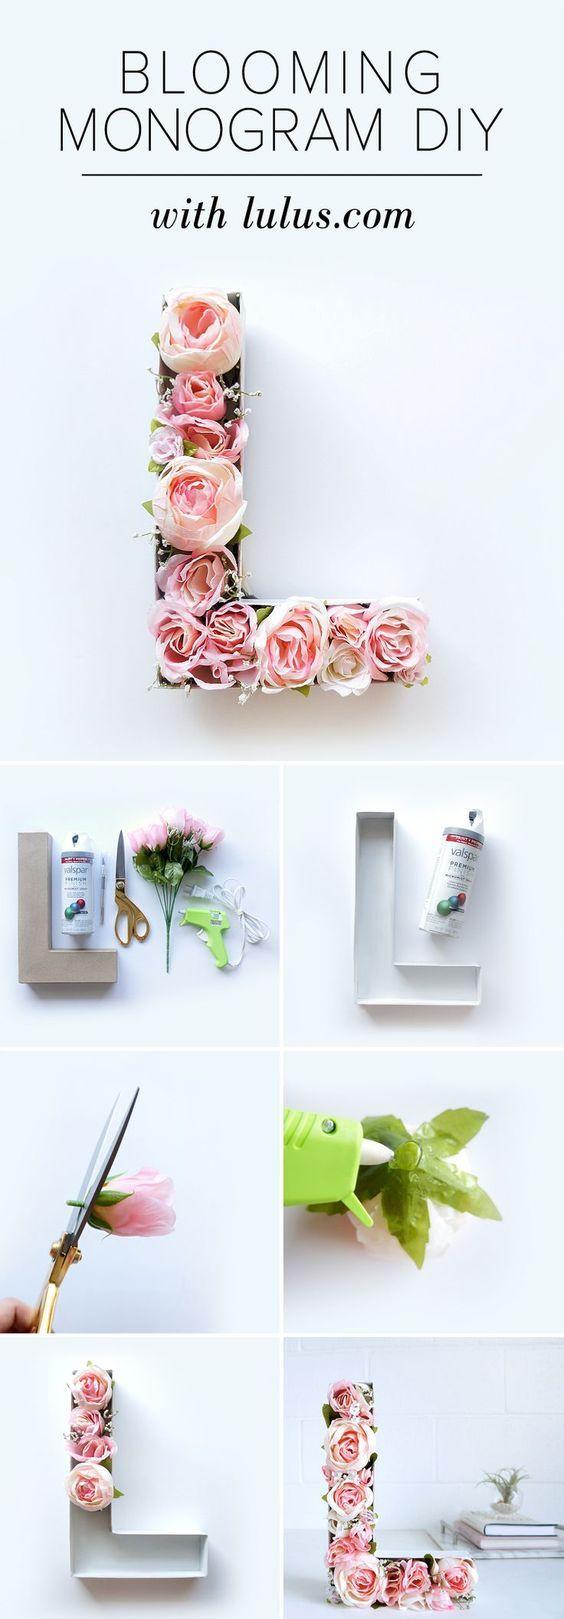 { Blooming monogram } a nice gift #blumen #selbstgemacht #buchstaben #monogramm